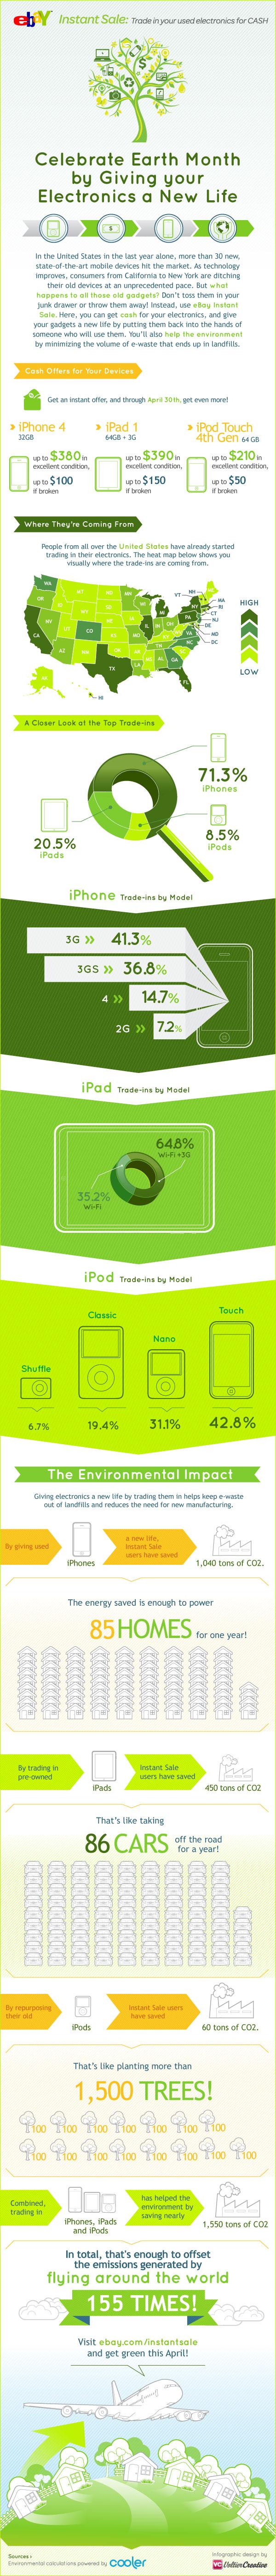 instant infographic final final - Une seconde vie à vos gadgets, les impacts [Infographique]